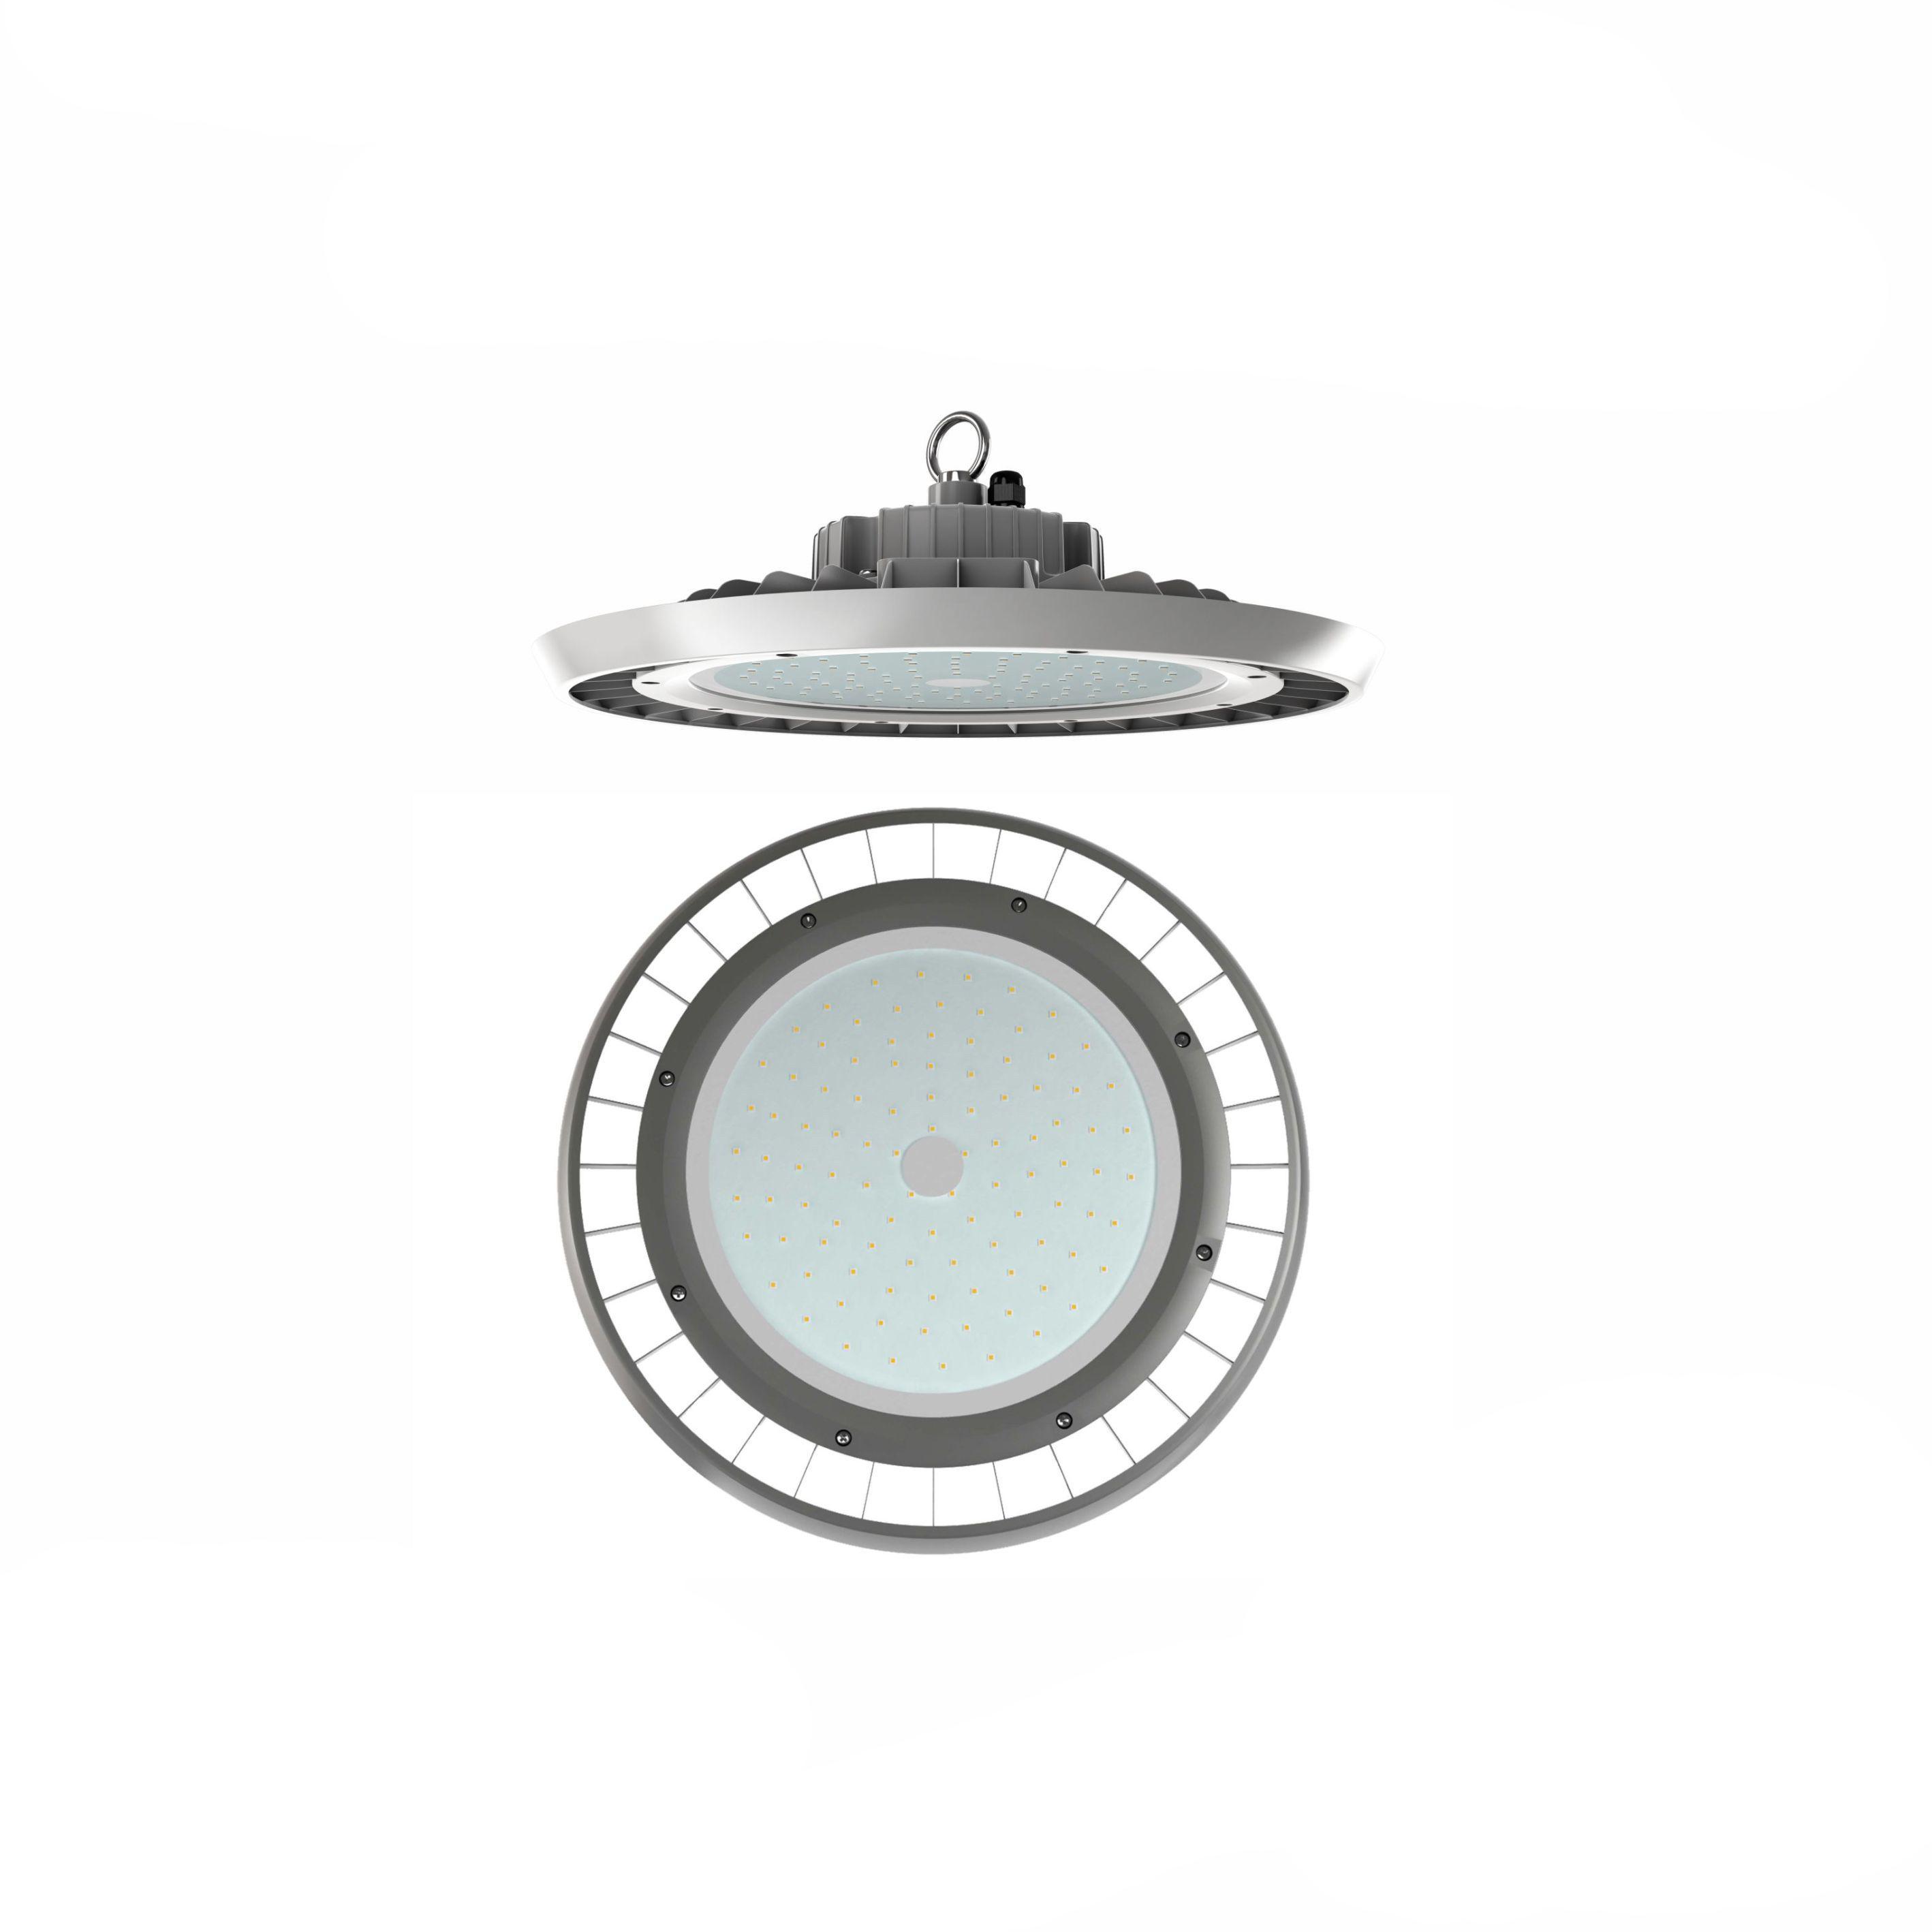 Gamelle UFO 300 Watt Beneito Faure en vente chez CONNECTILED